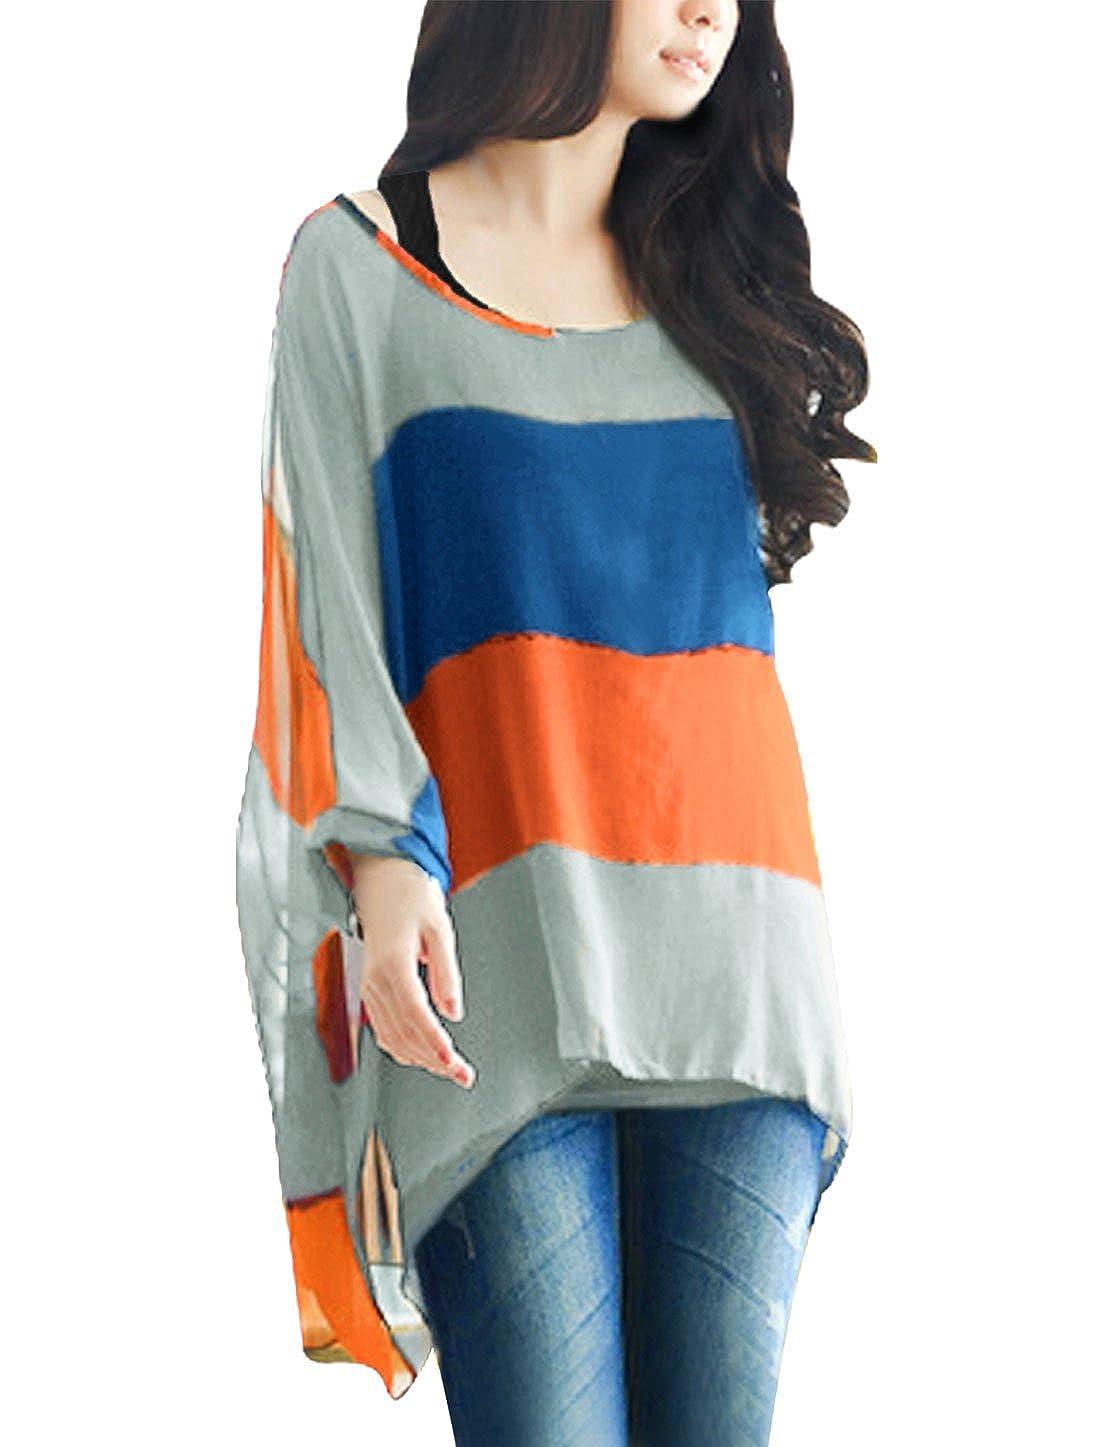 Allegra K Mujer a Granel Cuello de Barco Cape Mango de Colores a Rayas w Camiseta sin Mangas de Camisa Azul Cobalto 32: Amazon.es: Ropa y accesorios